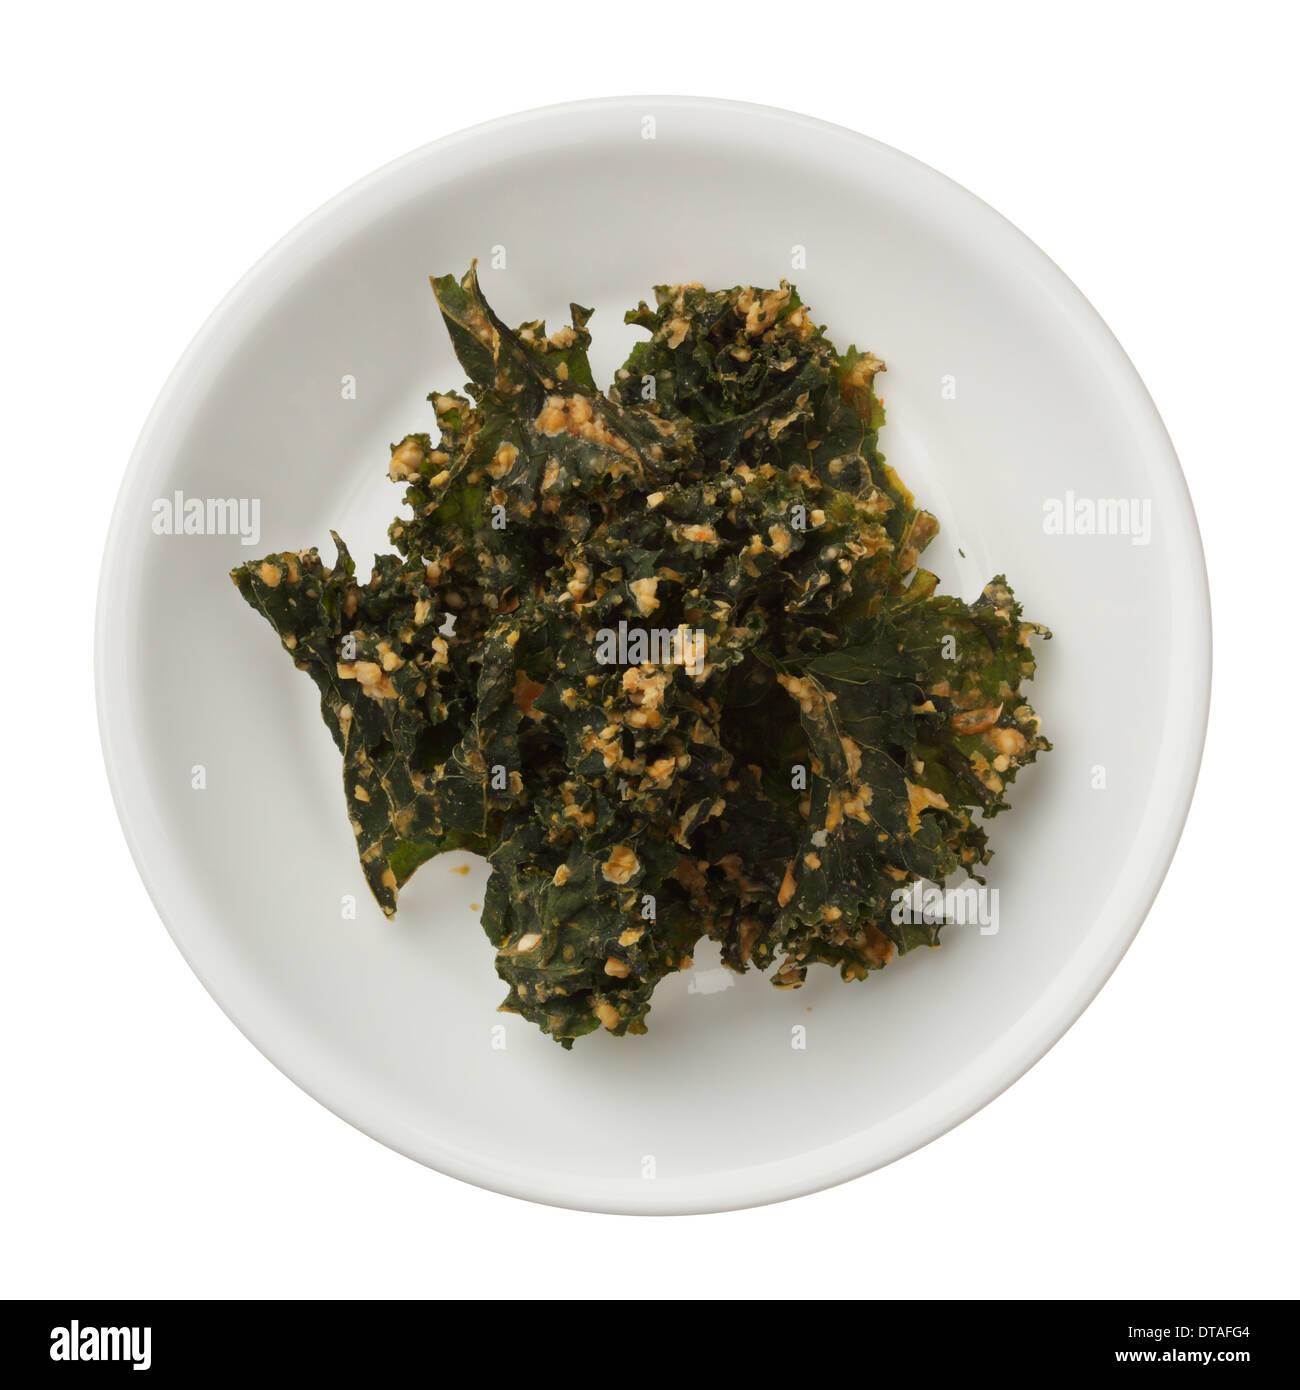 Arrosto di kale chip in un recipiente isolato su sfondo bianco Foto Stock